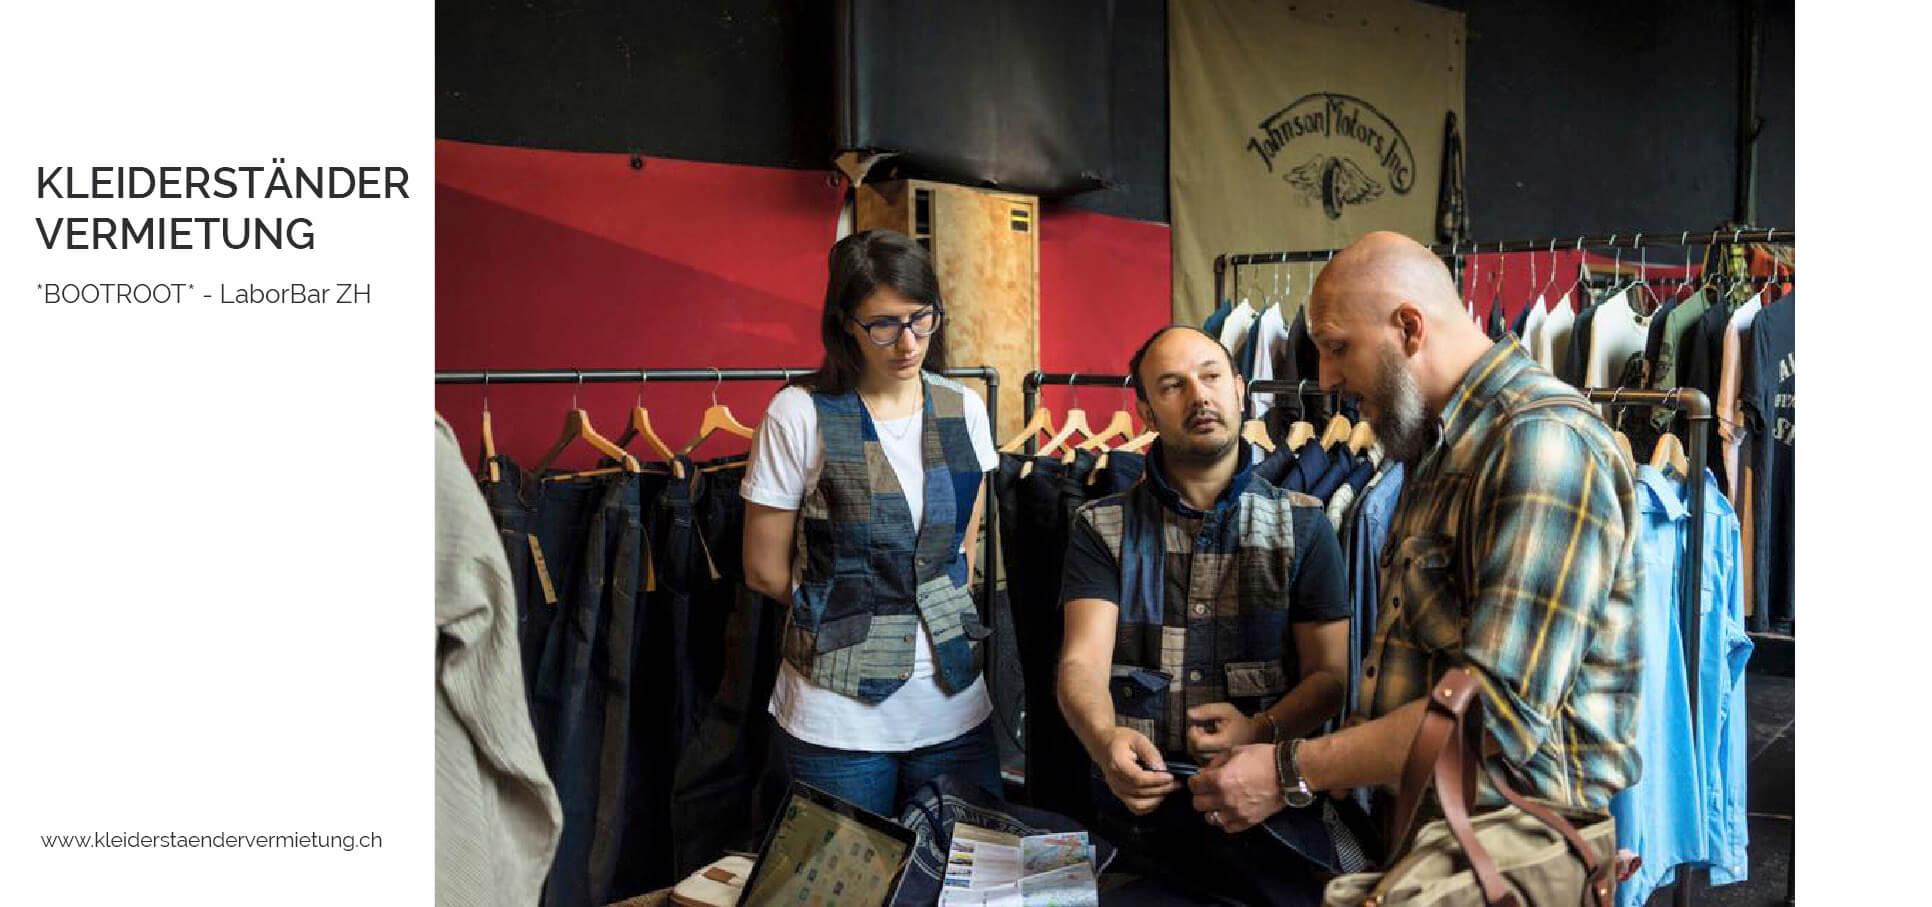 rohrfabrik-kleiderstaendervermietung-kleiderstaender-rohr-moebel-fashion_show-design-mode_show-messe-01.jpg